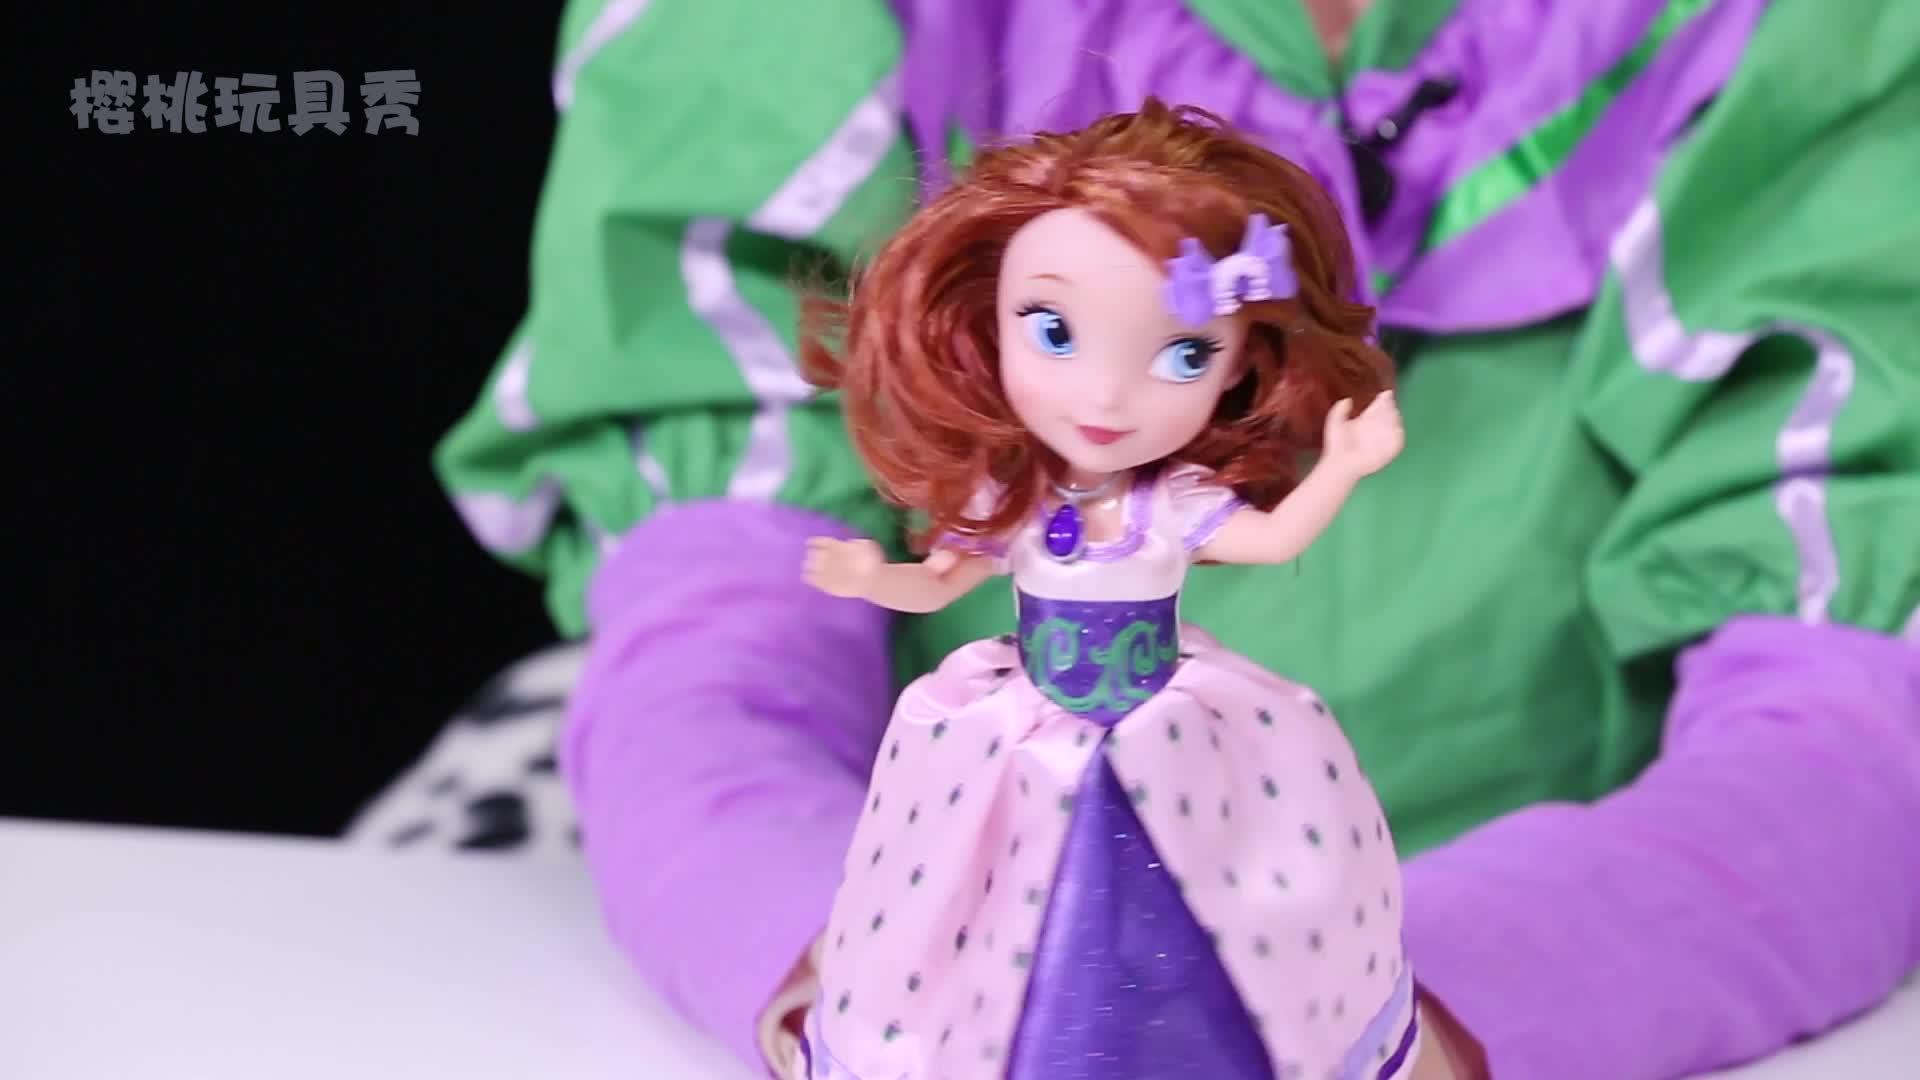 芭比娃娃的服装大赛,大家更喜欢哪一套呢?